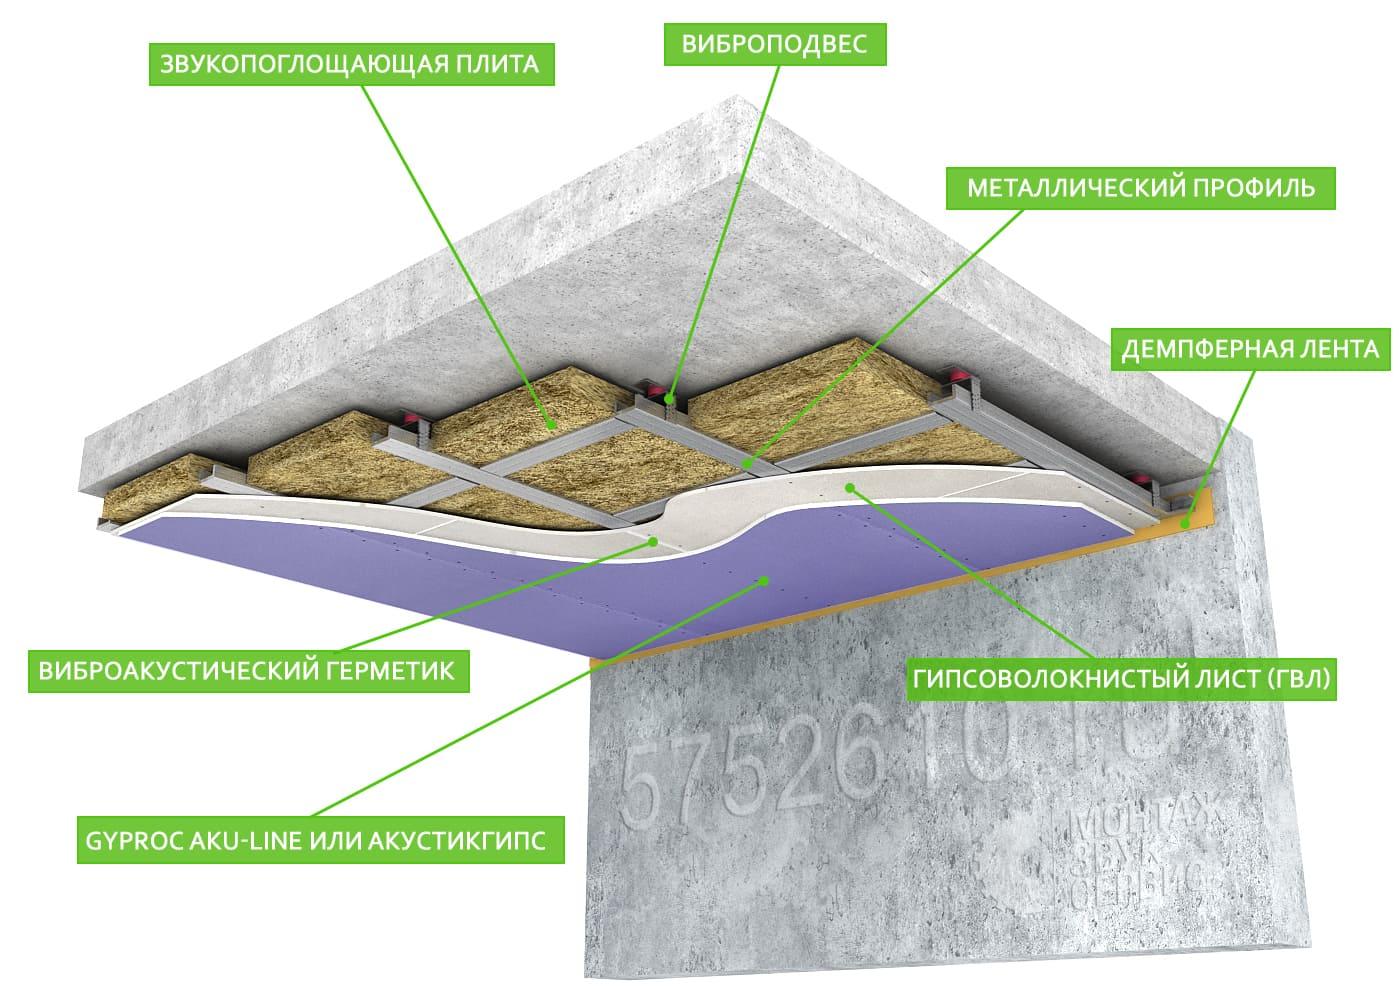 Звукоизоляция потолка от ударного шума сверху